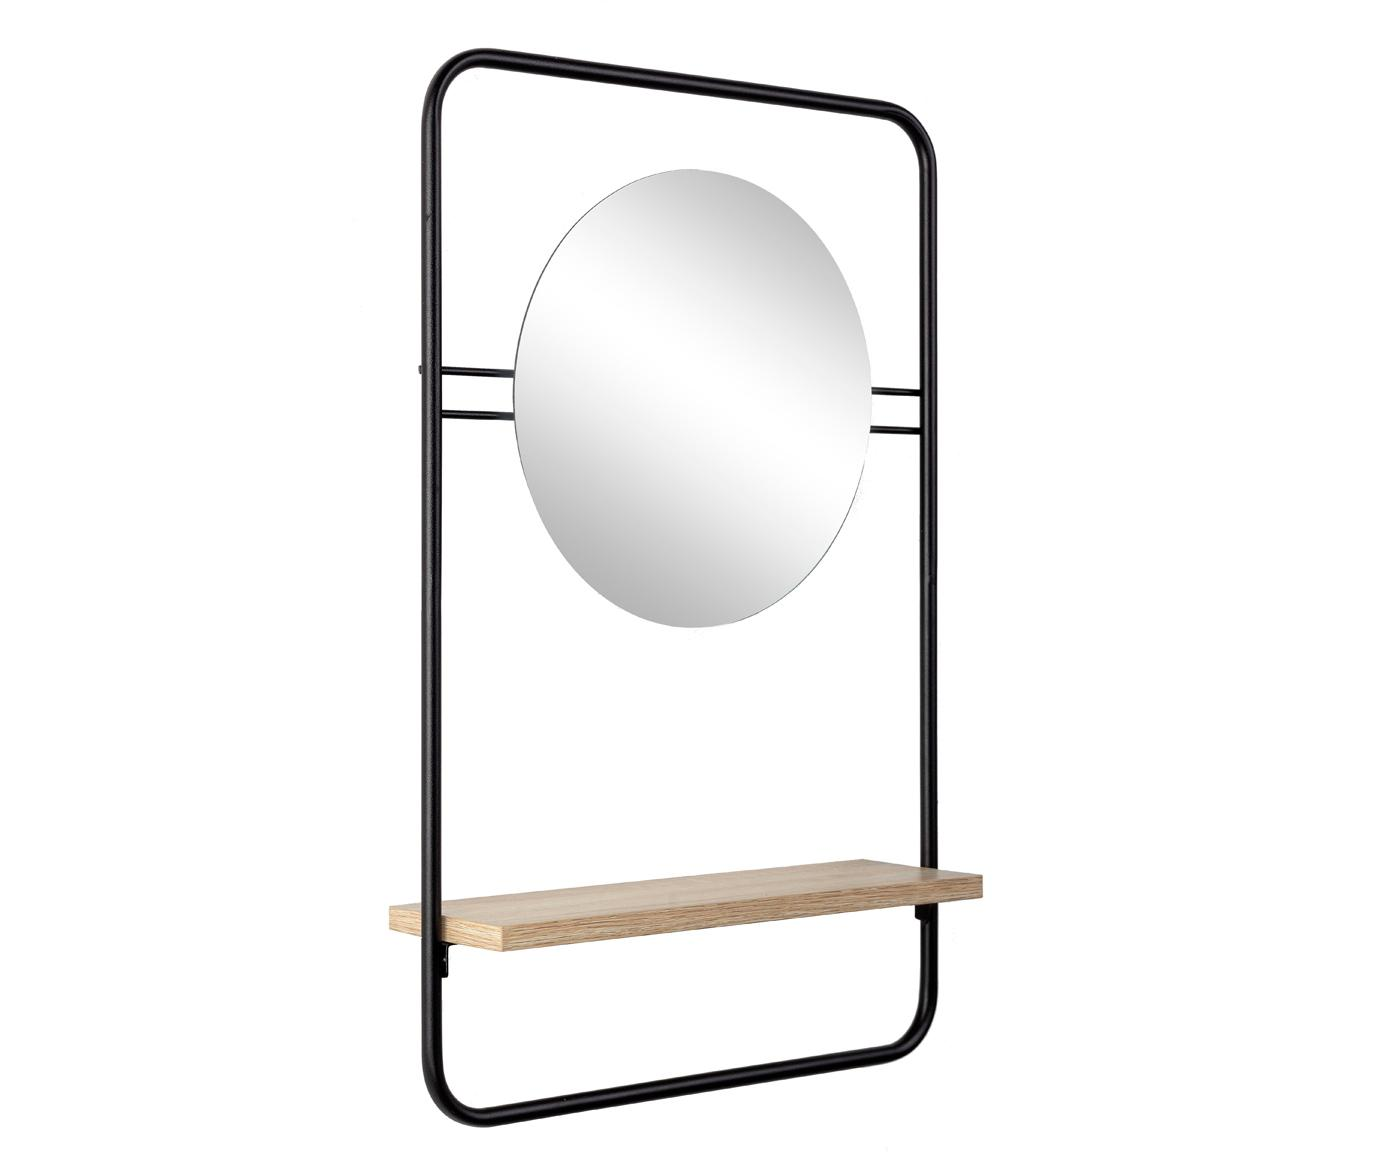 Wandspiegel Quiete met metalen frame en plank, Frame: gecoat metaal, Plank: hout, Zwart, houtkleurig, 41 x 64 cm